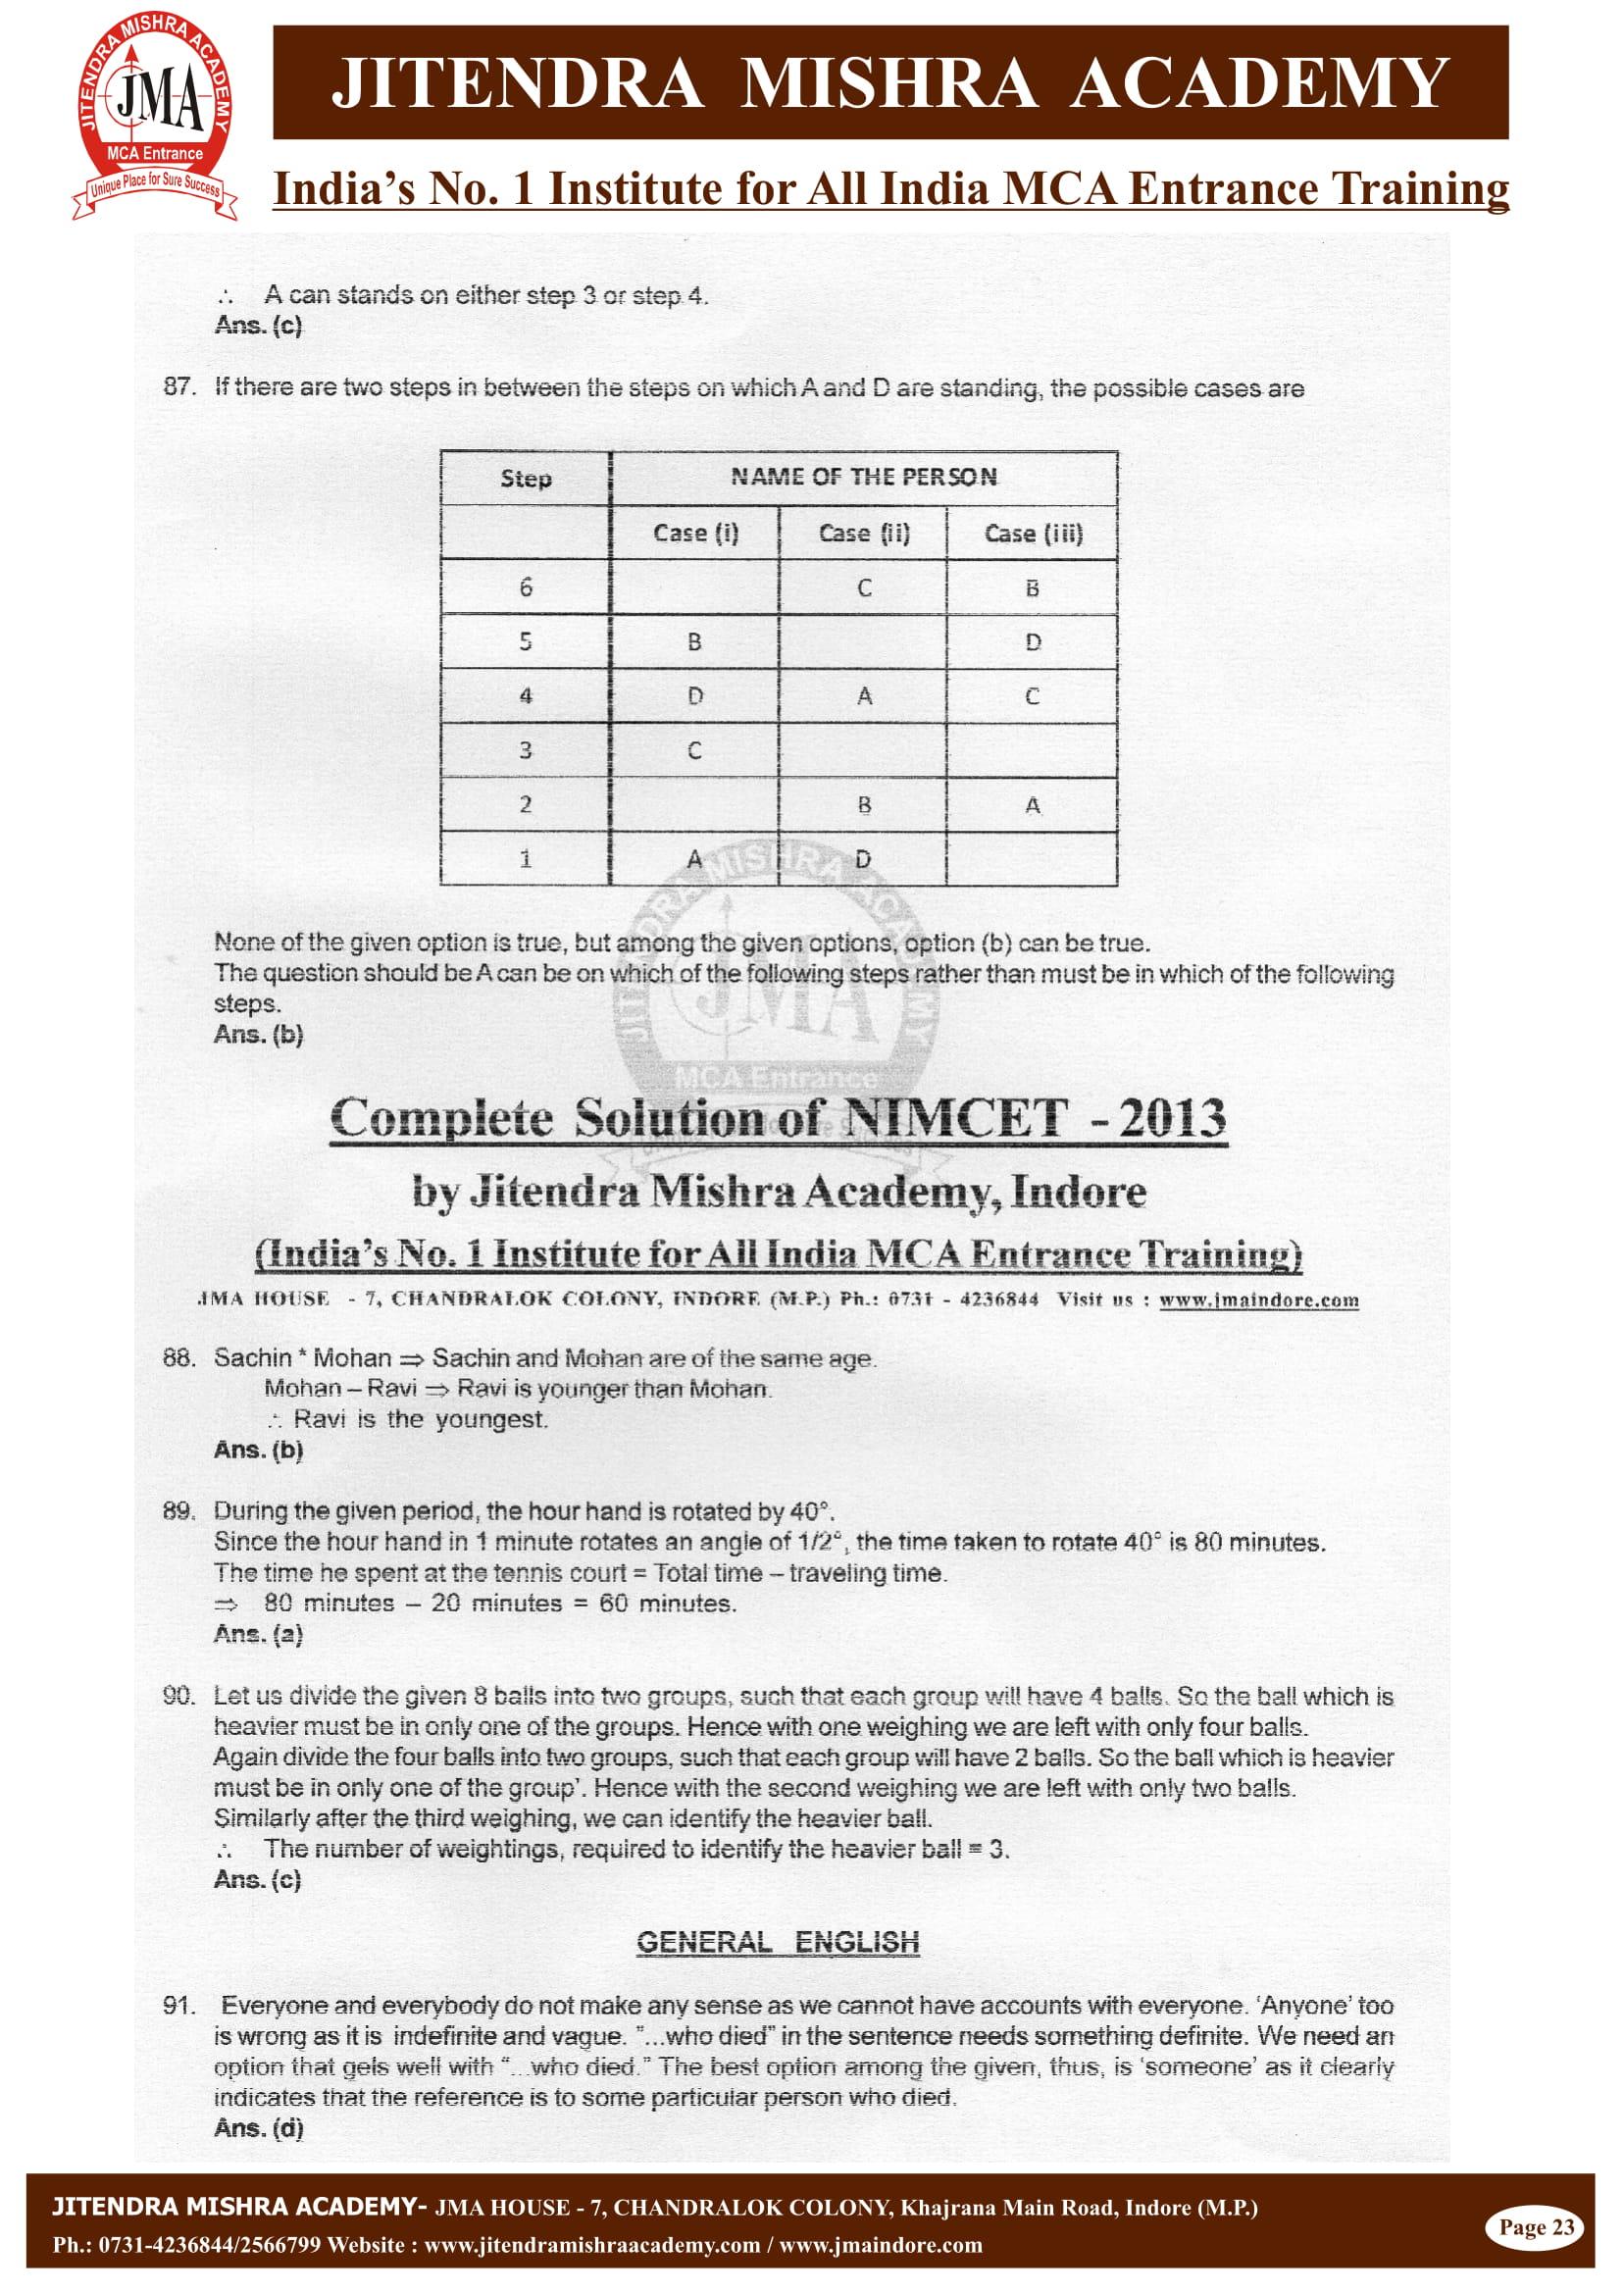 NIMCET - 2013 (SOLUTION)-23